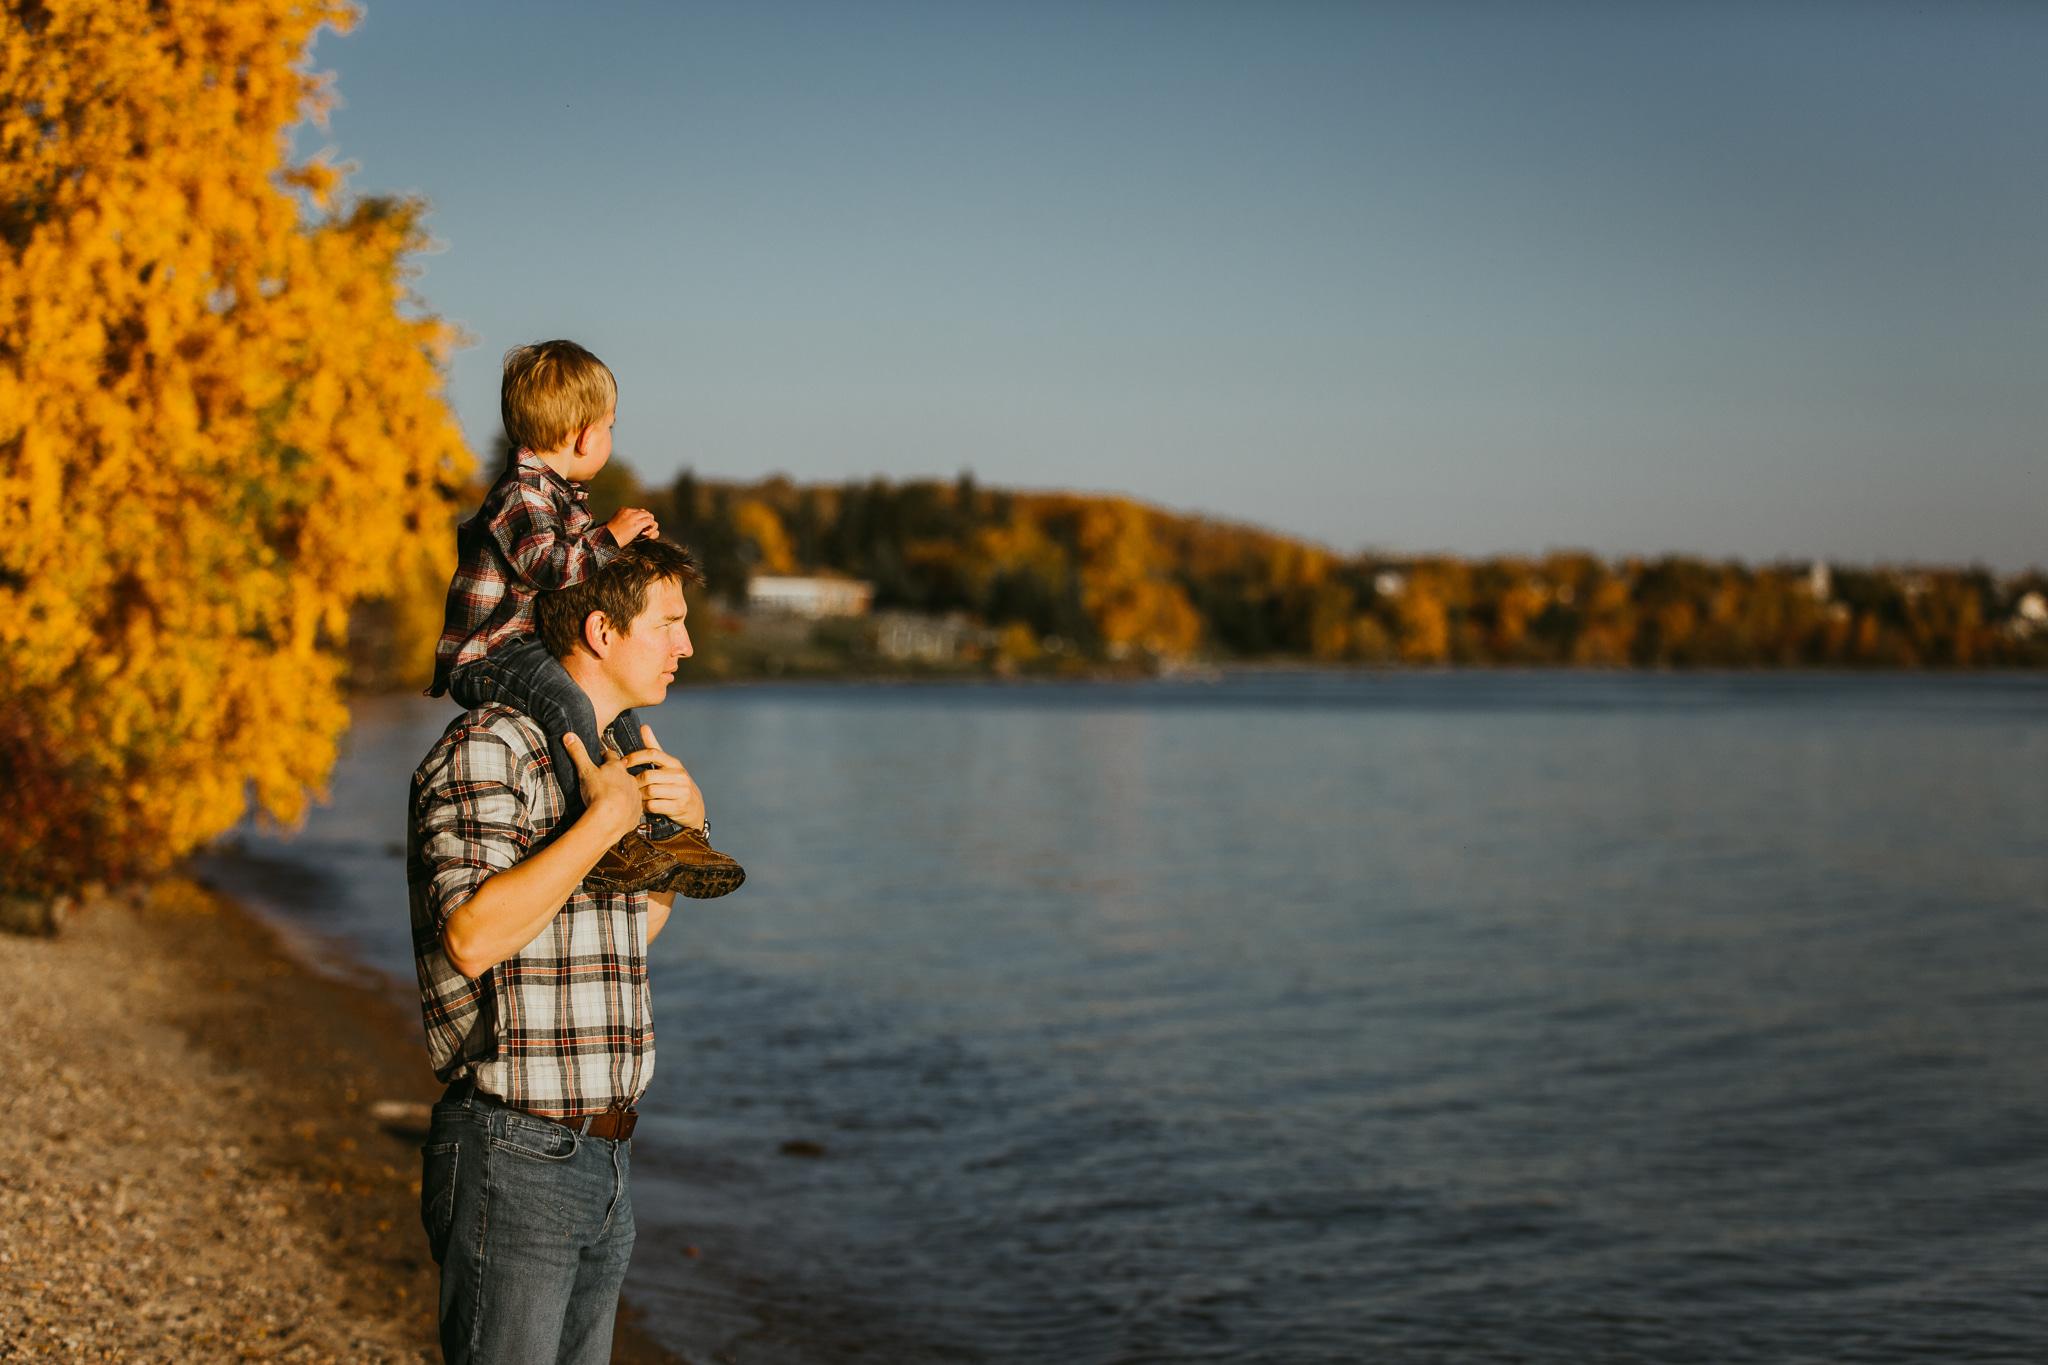 Alina-Joy-Photography-Cold-Lake-Lifestyle-Photographer-165.jpg